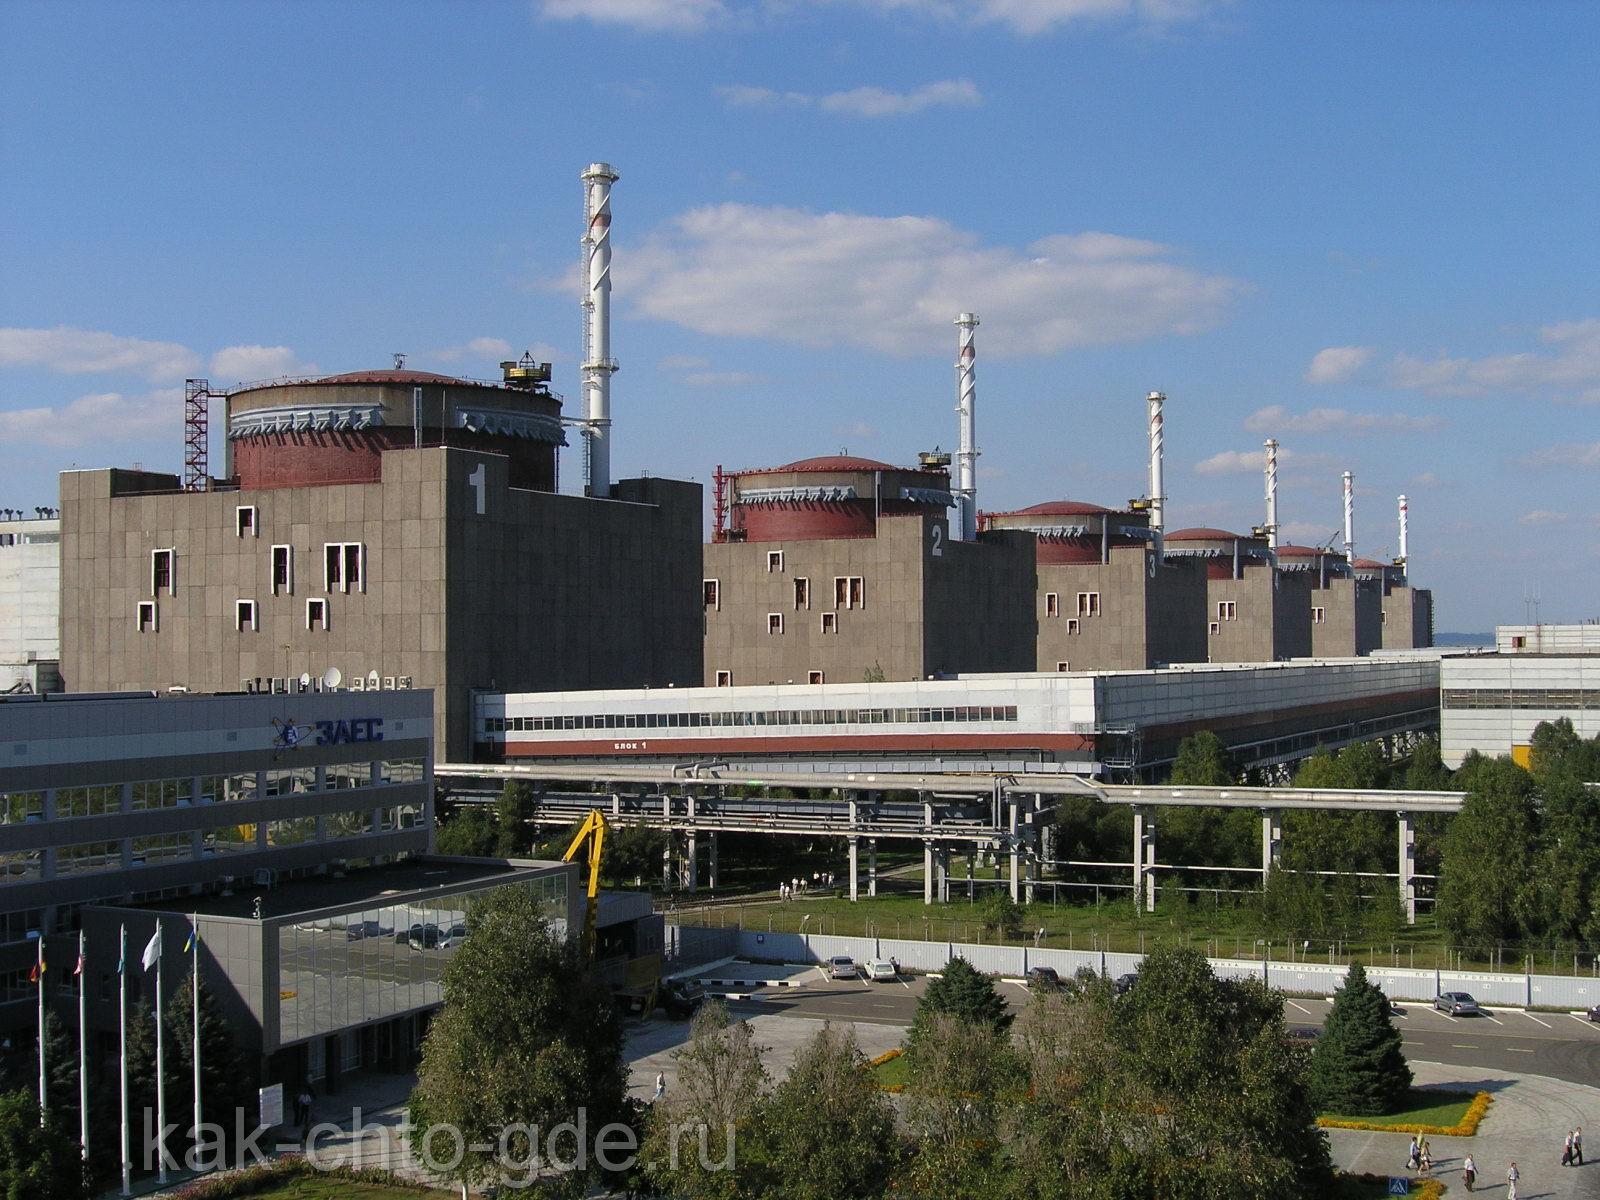 крупнейшая атомная электростанции мира из ныне действующих